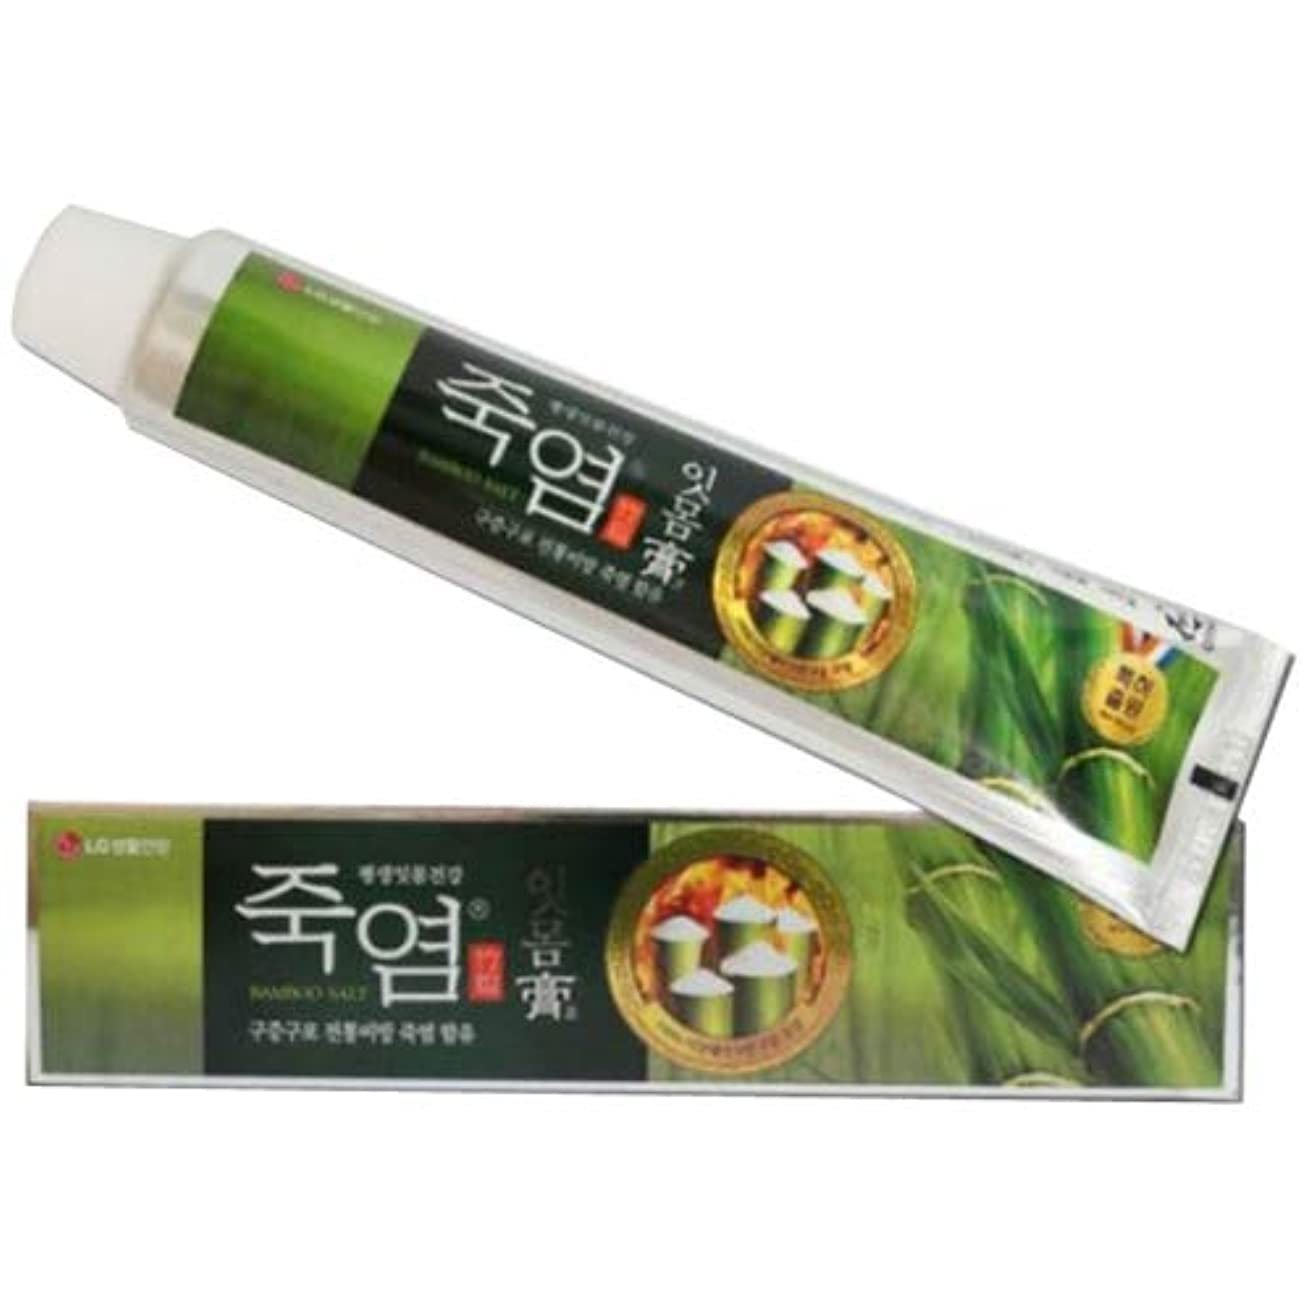 休み持続的カウントLG生活健康 竹塩歯磨き粉 (歯康膏:ウンガンゴ)(120g X2個) 竹塩歯磨き粉つぶれて歯茎を健康に ウンガンゴ